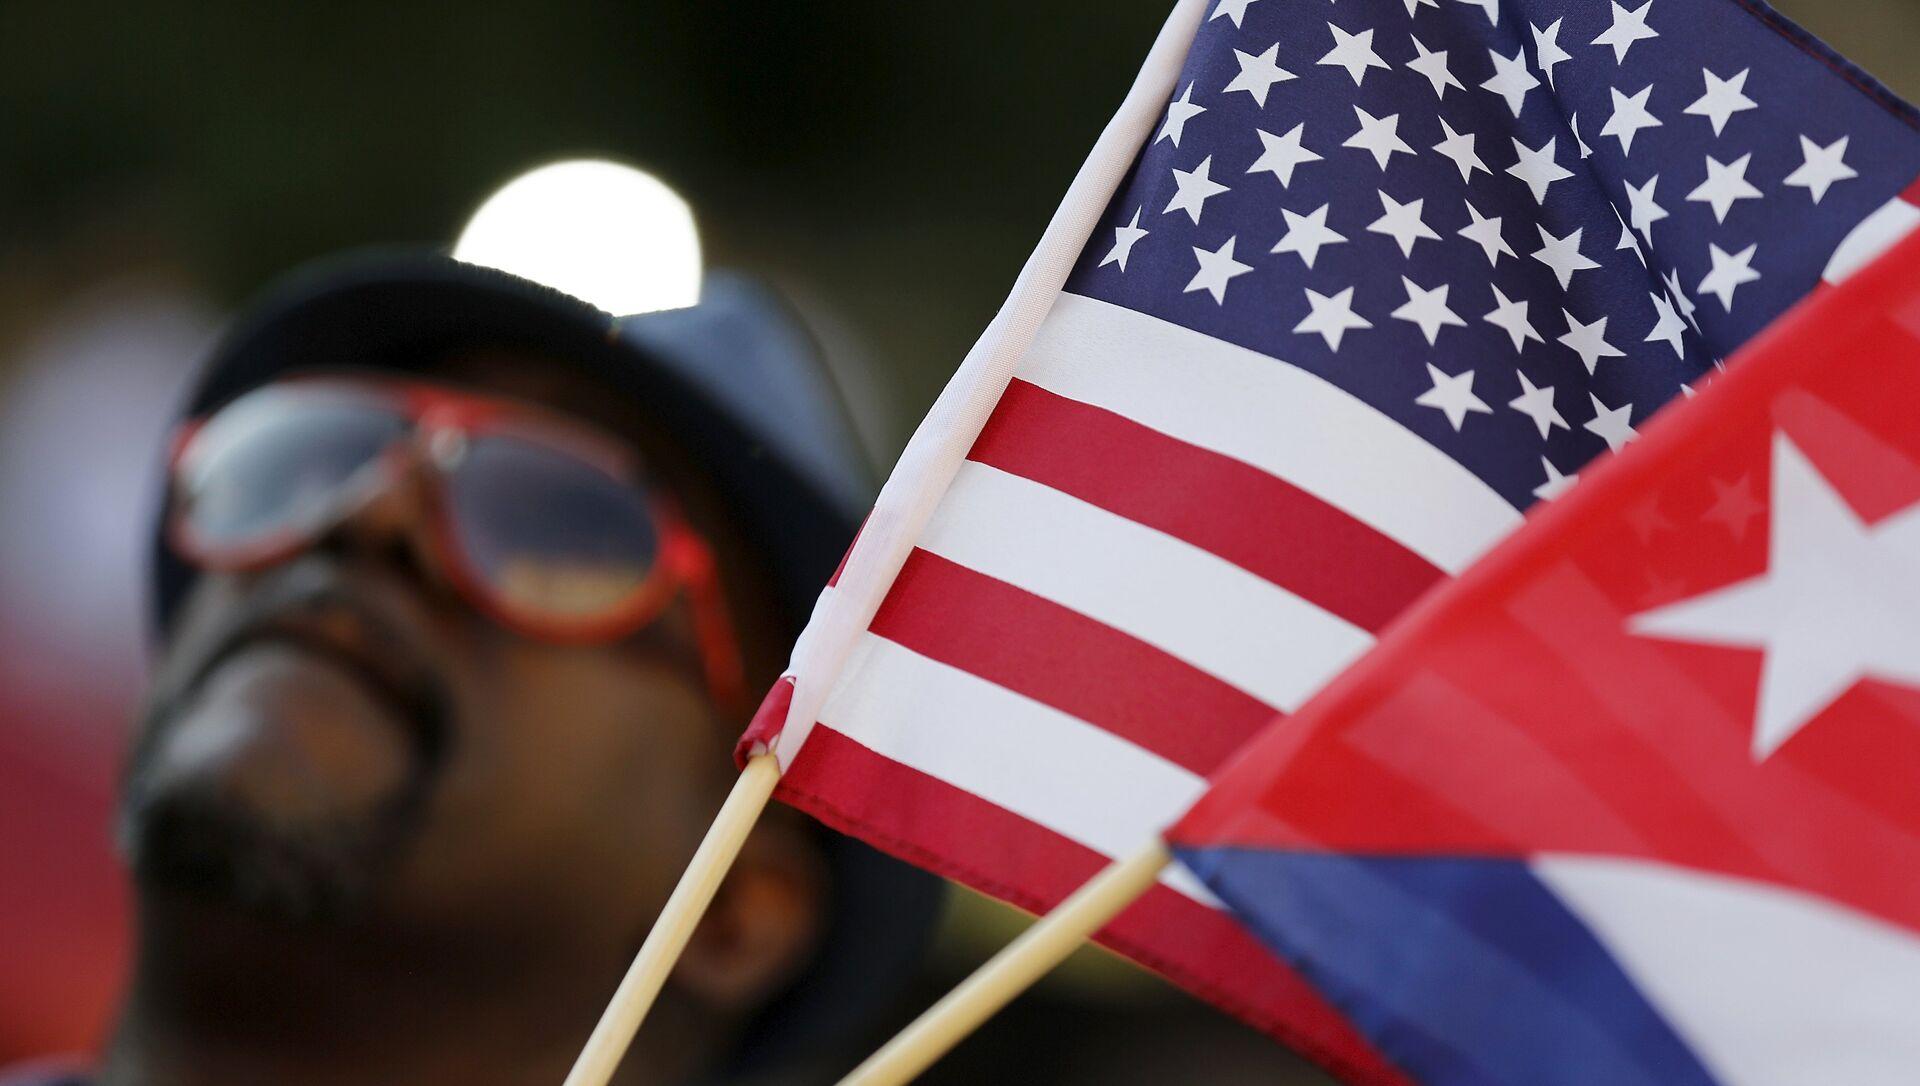 Drapeaux de Cuba et des USA - Sputnik France, 1920, 27.07.2021